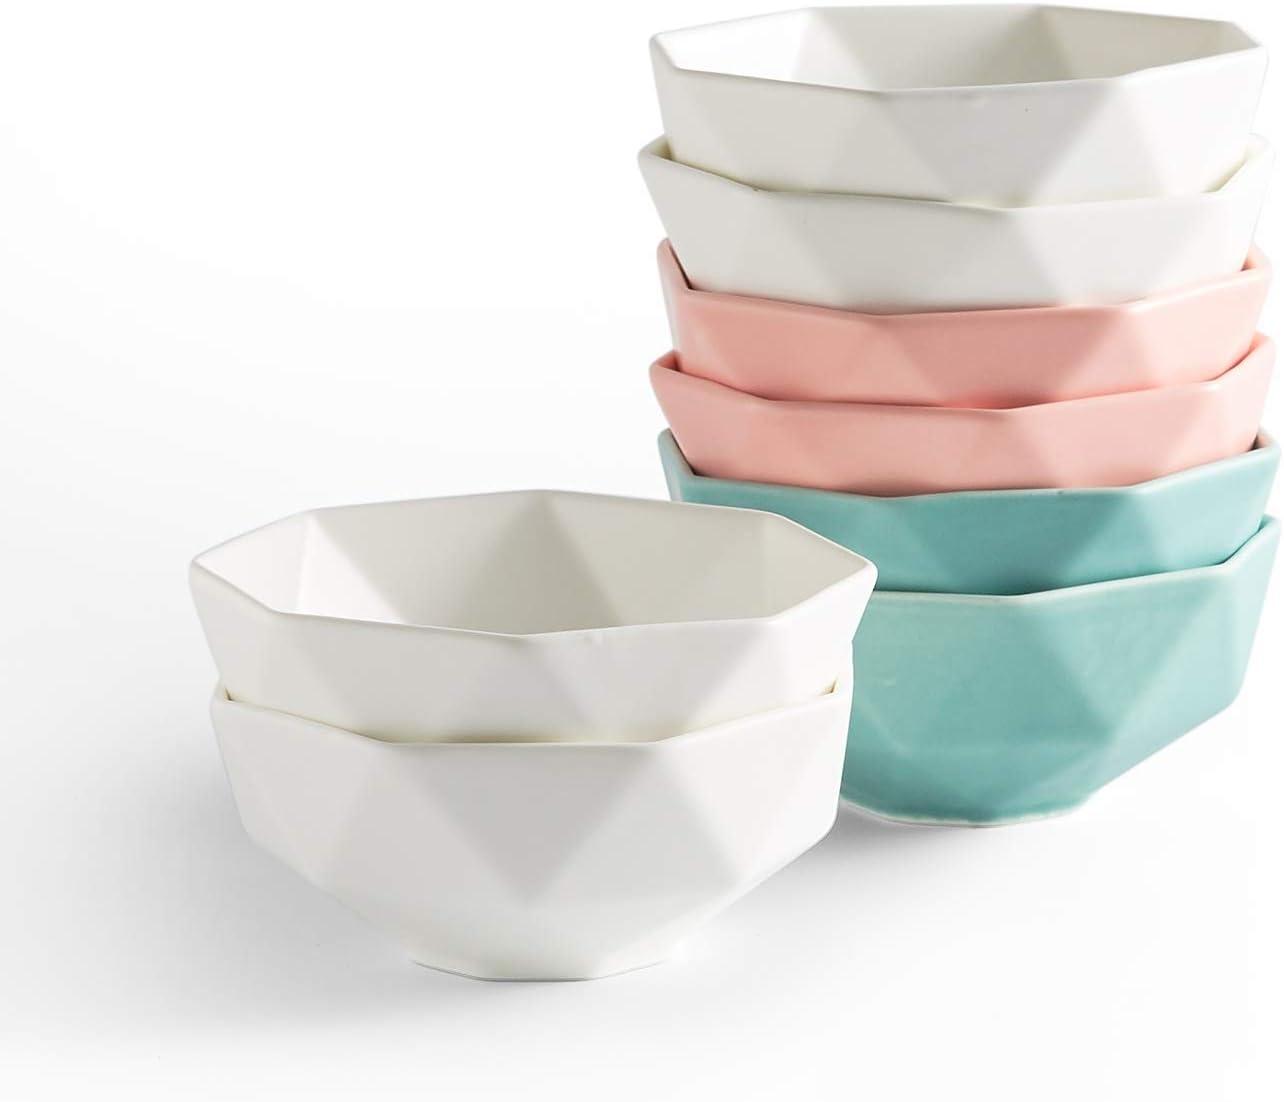 Amazon Com 9 Oz Porcelain Bowls Set Of 8 4 5 Inch Matte Dessert Bowls For Cereal Baking Snacks Rice Multicolor White Pink Blue Kitchen Dining